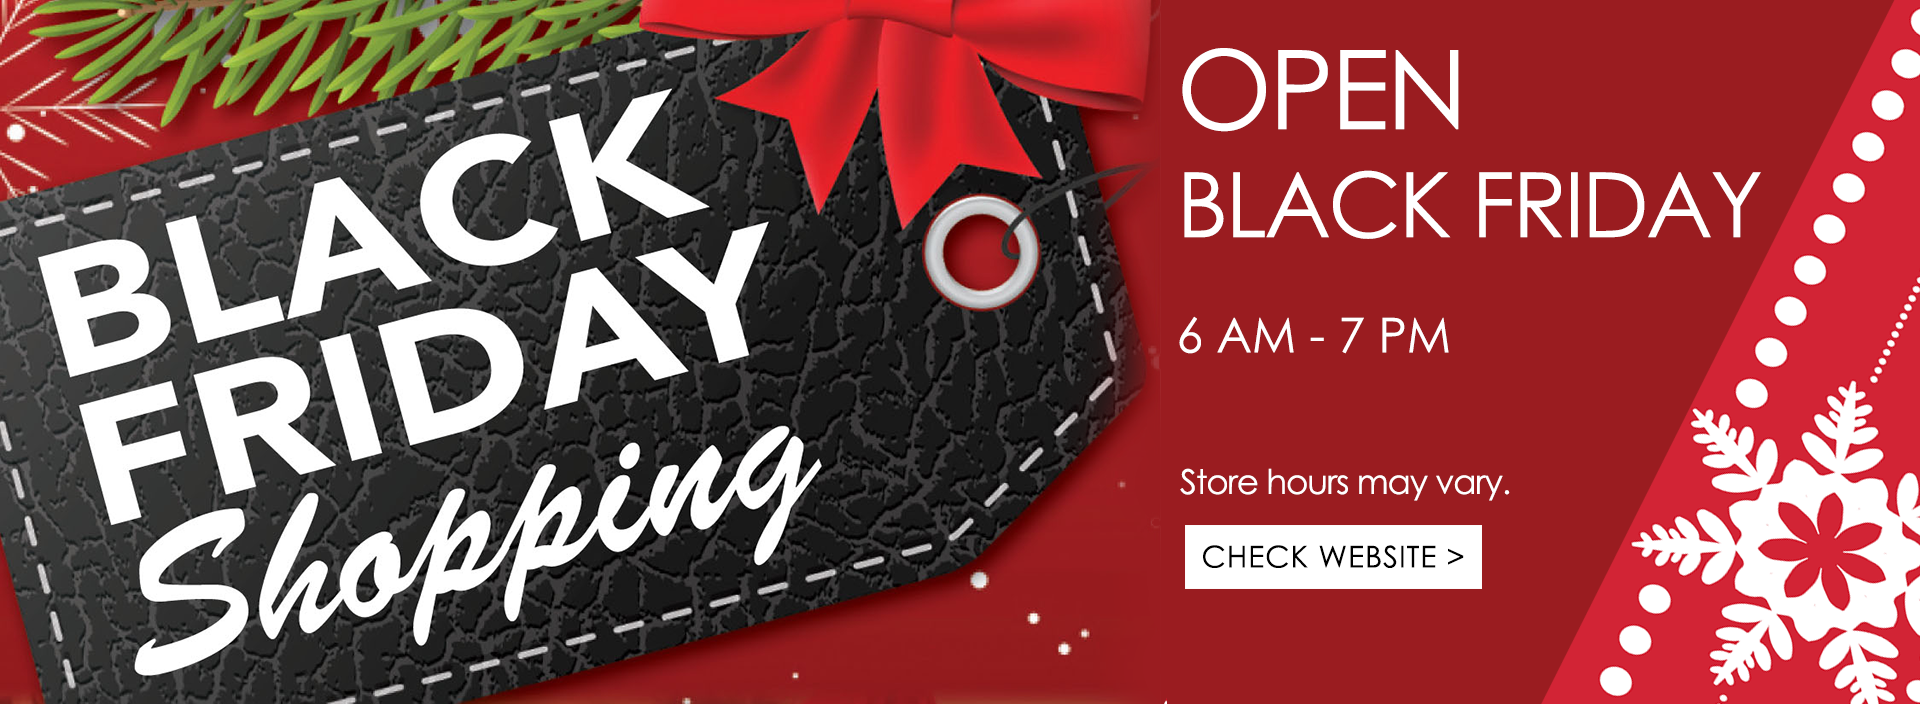 Holiday Slider 4 - BLACK FRIDAY